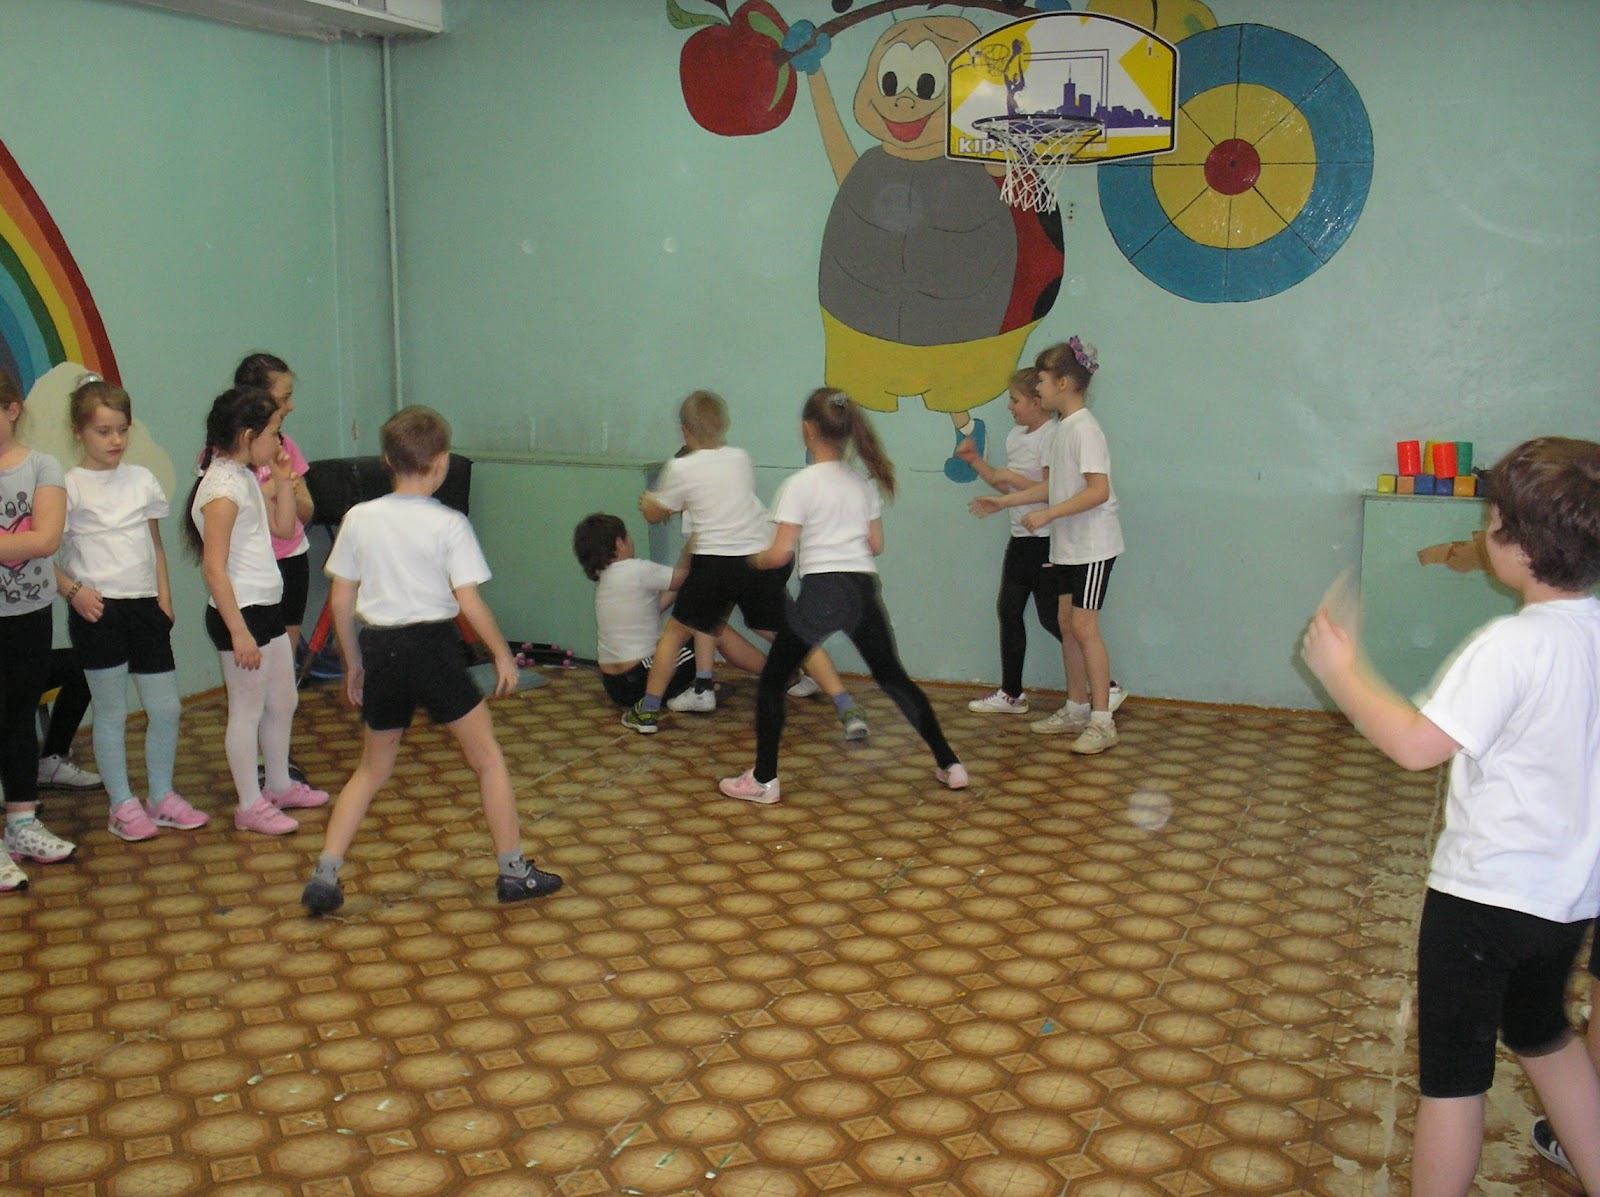 Вакансии преподавателя физкультуры в сш москвы